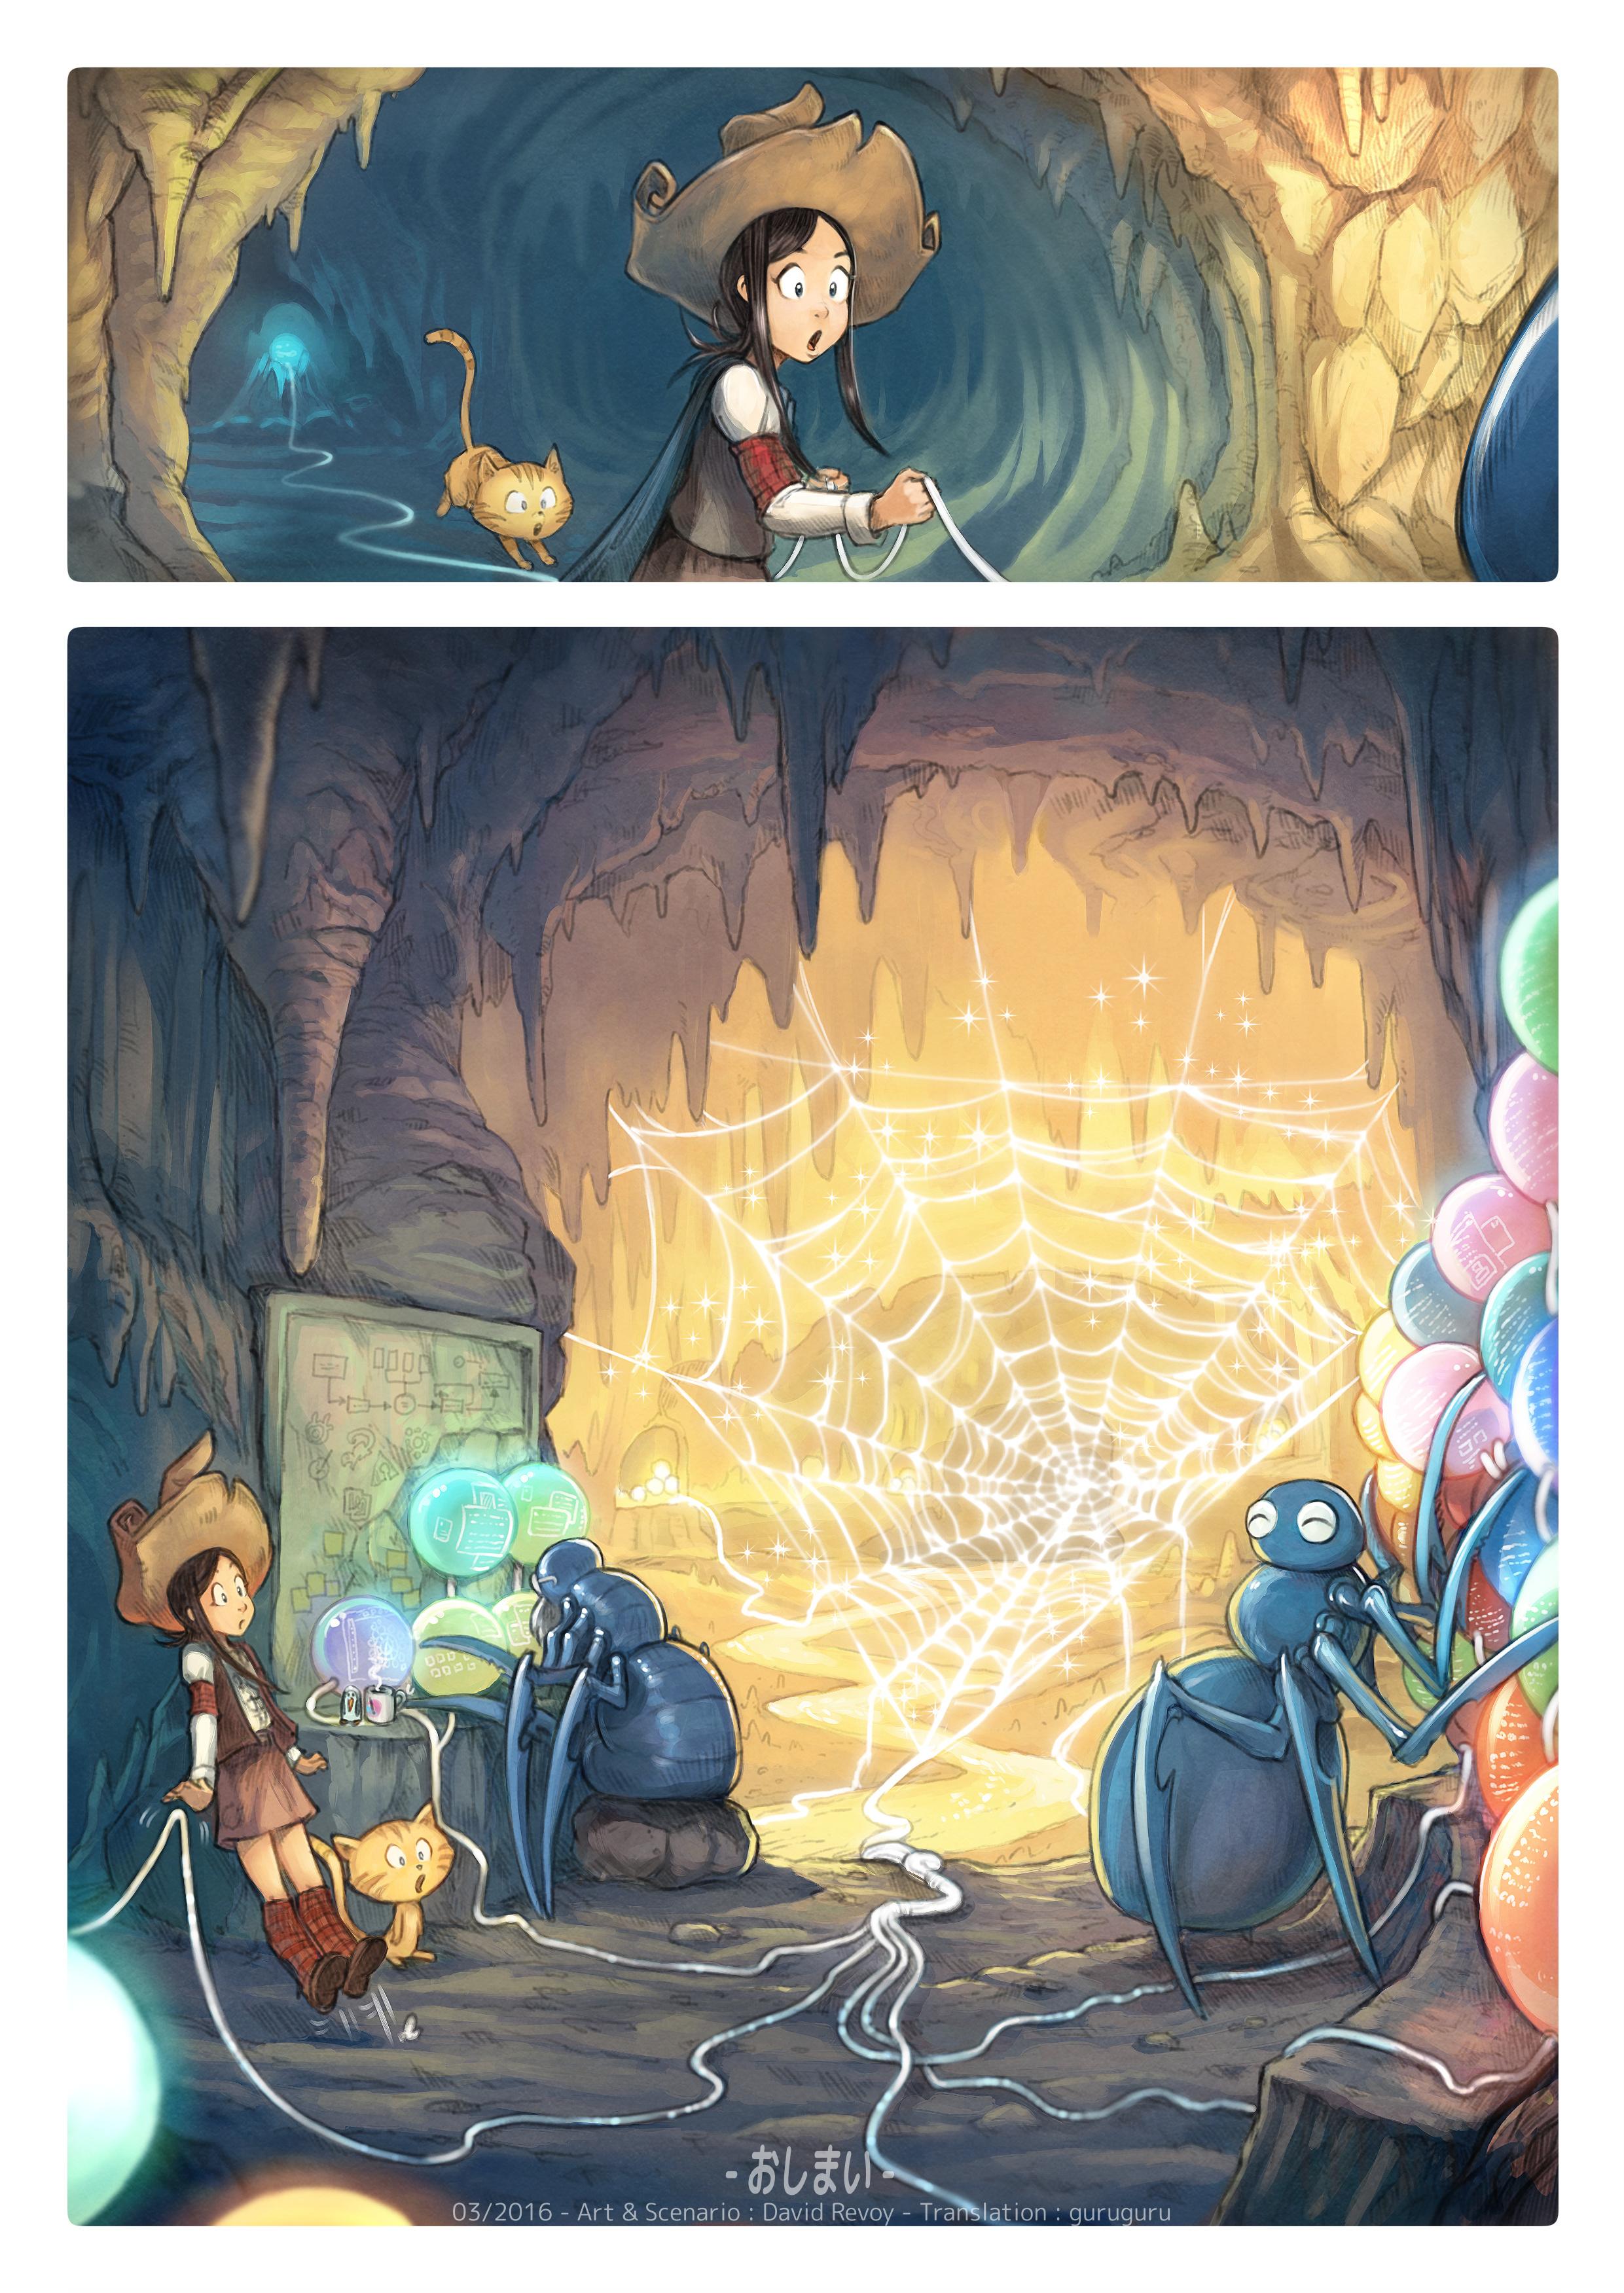 エピソード 15: 水晶玉, ページ 8